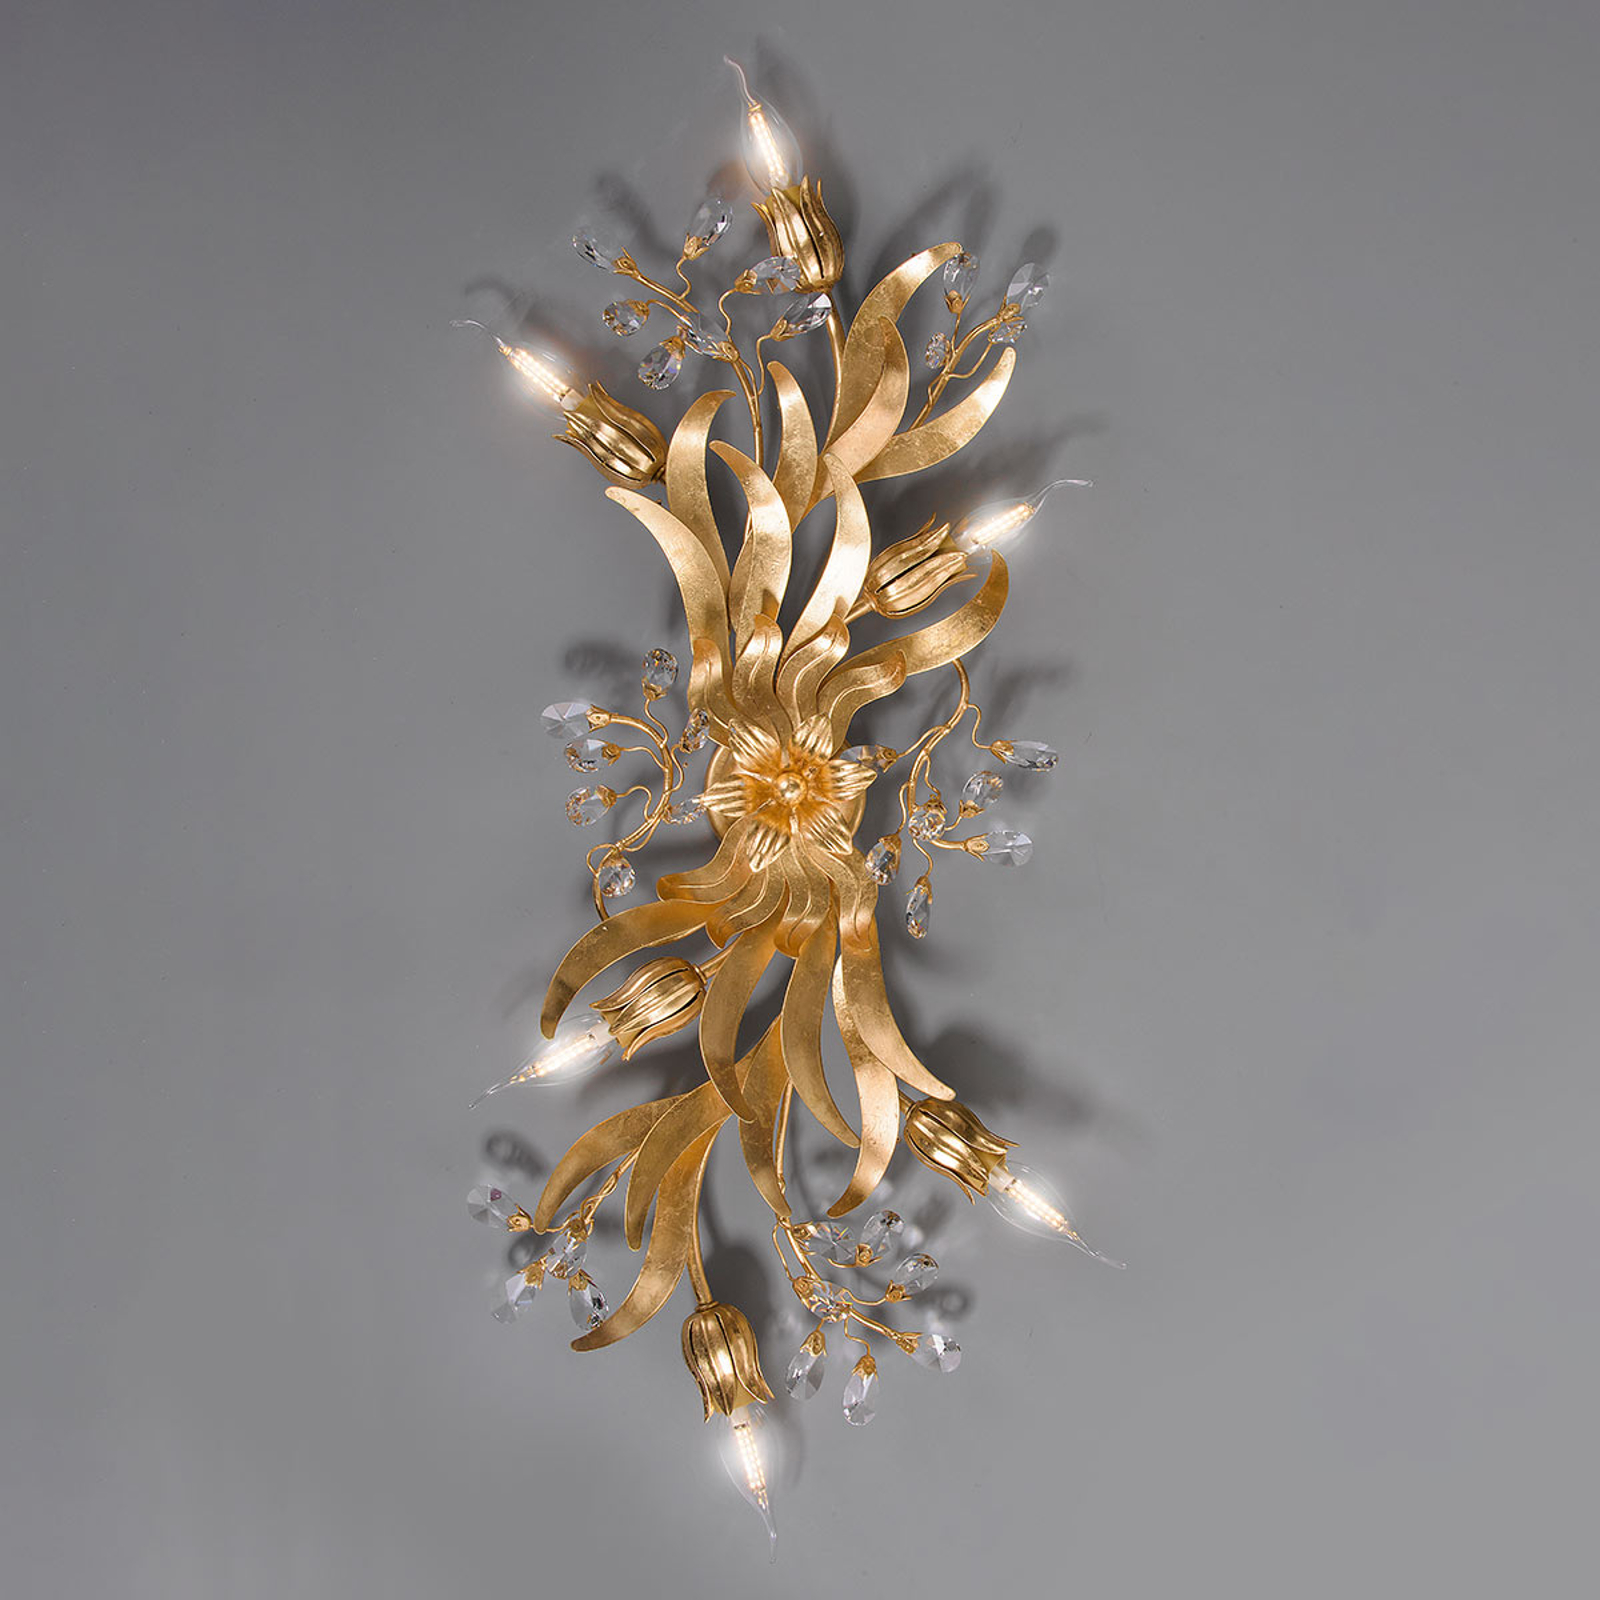 Taklampe 77/6 PL, 6-lyskilder med gullblad